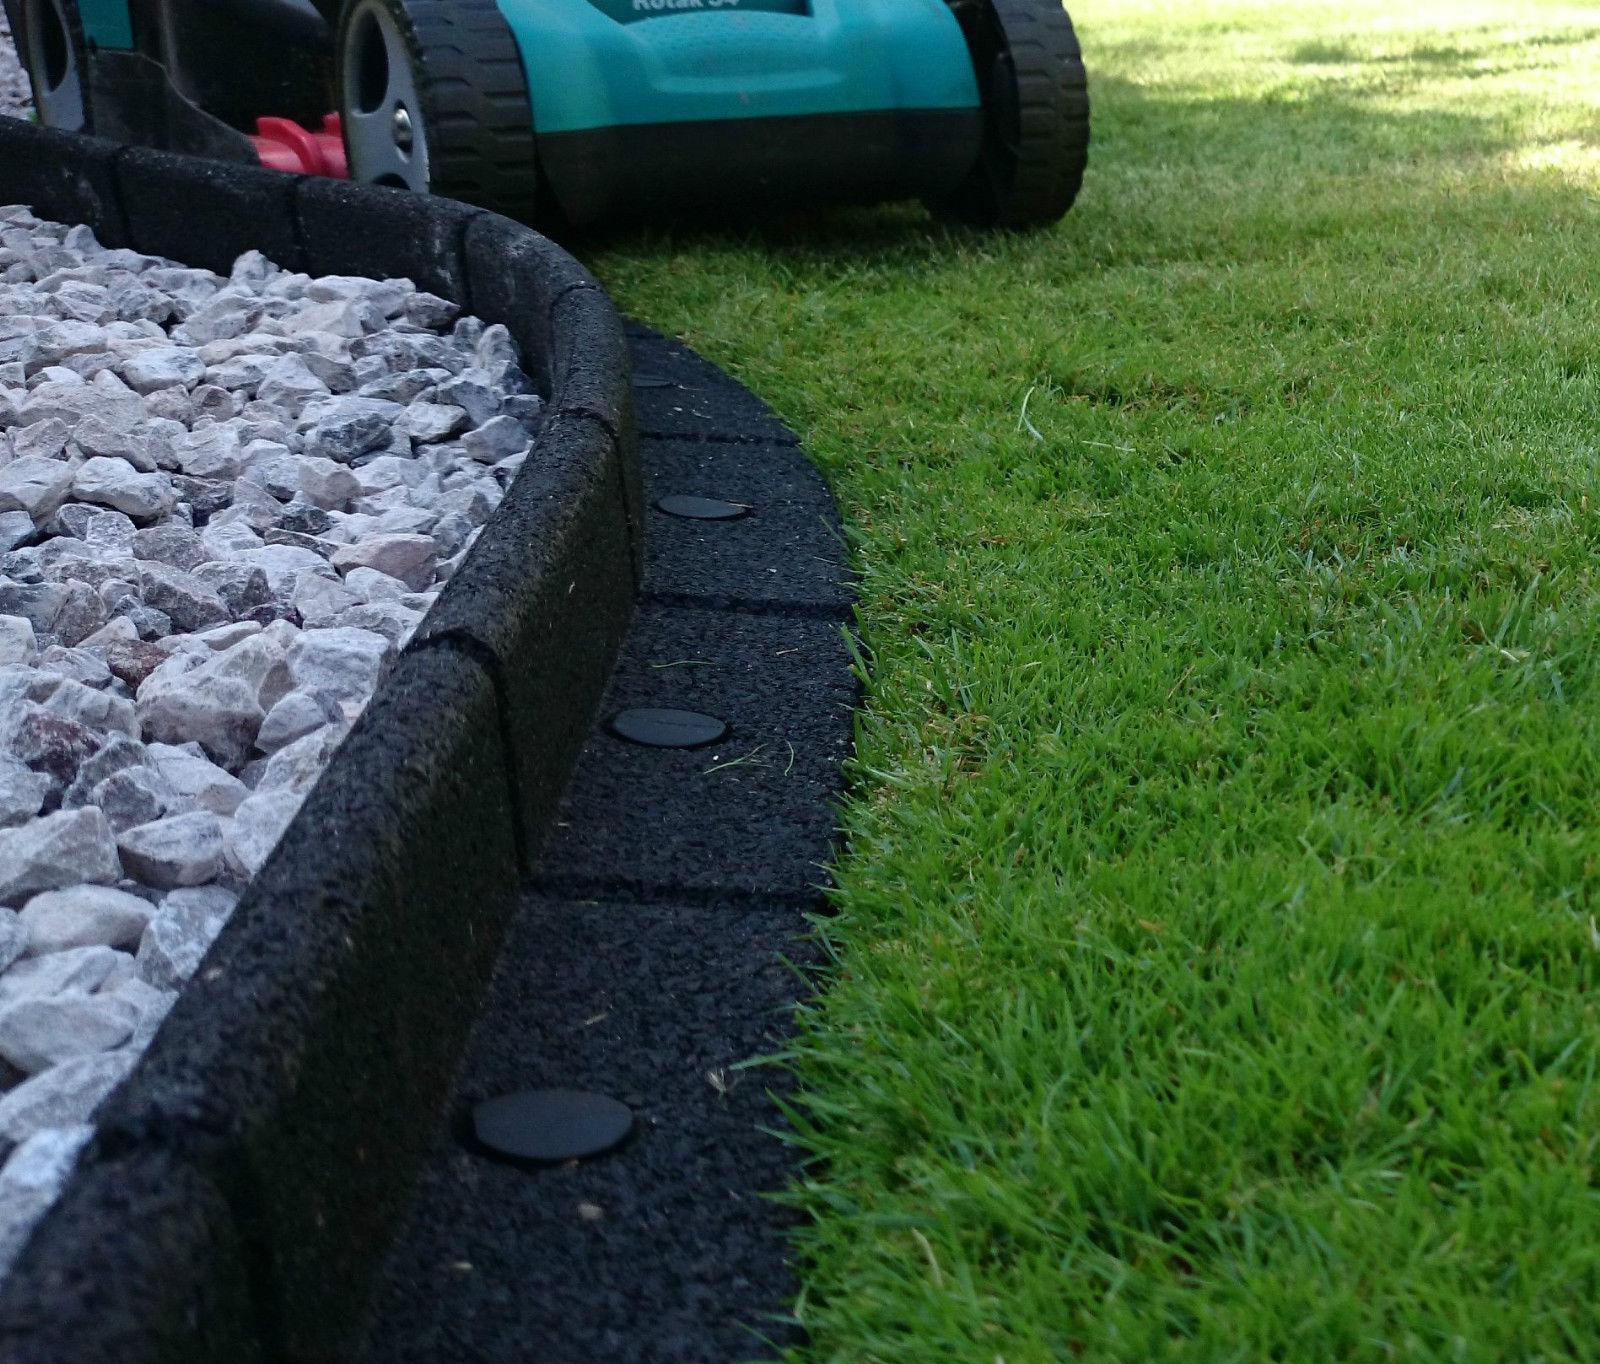 Garden Edging Flexible Border Garden Edge and Lawn Bordering for Driveway Path